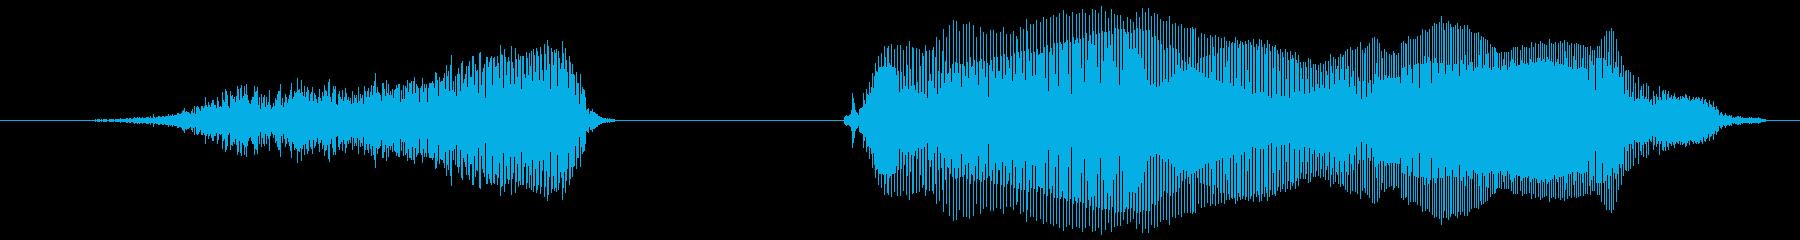 すっごーい!1【ロリキャラの褒めボイス】の再生済みの波形